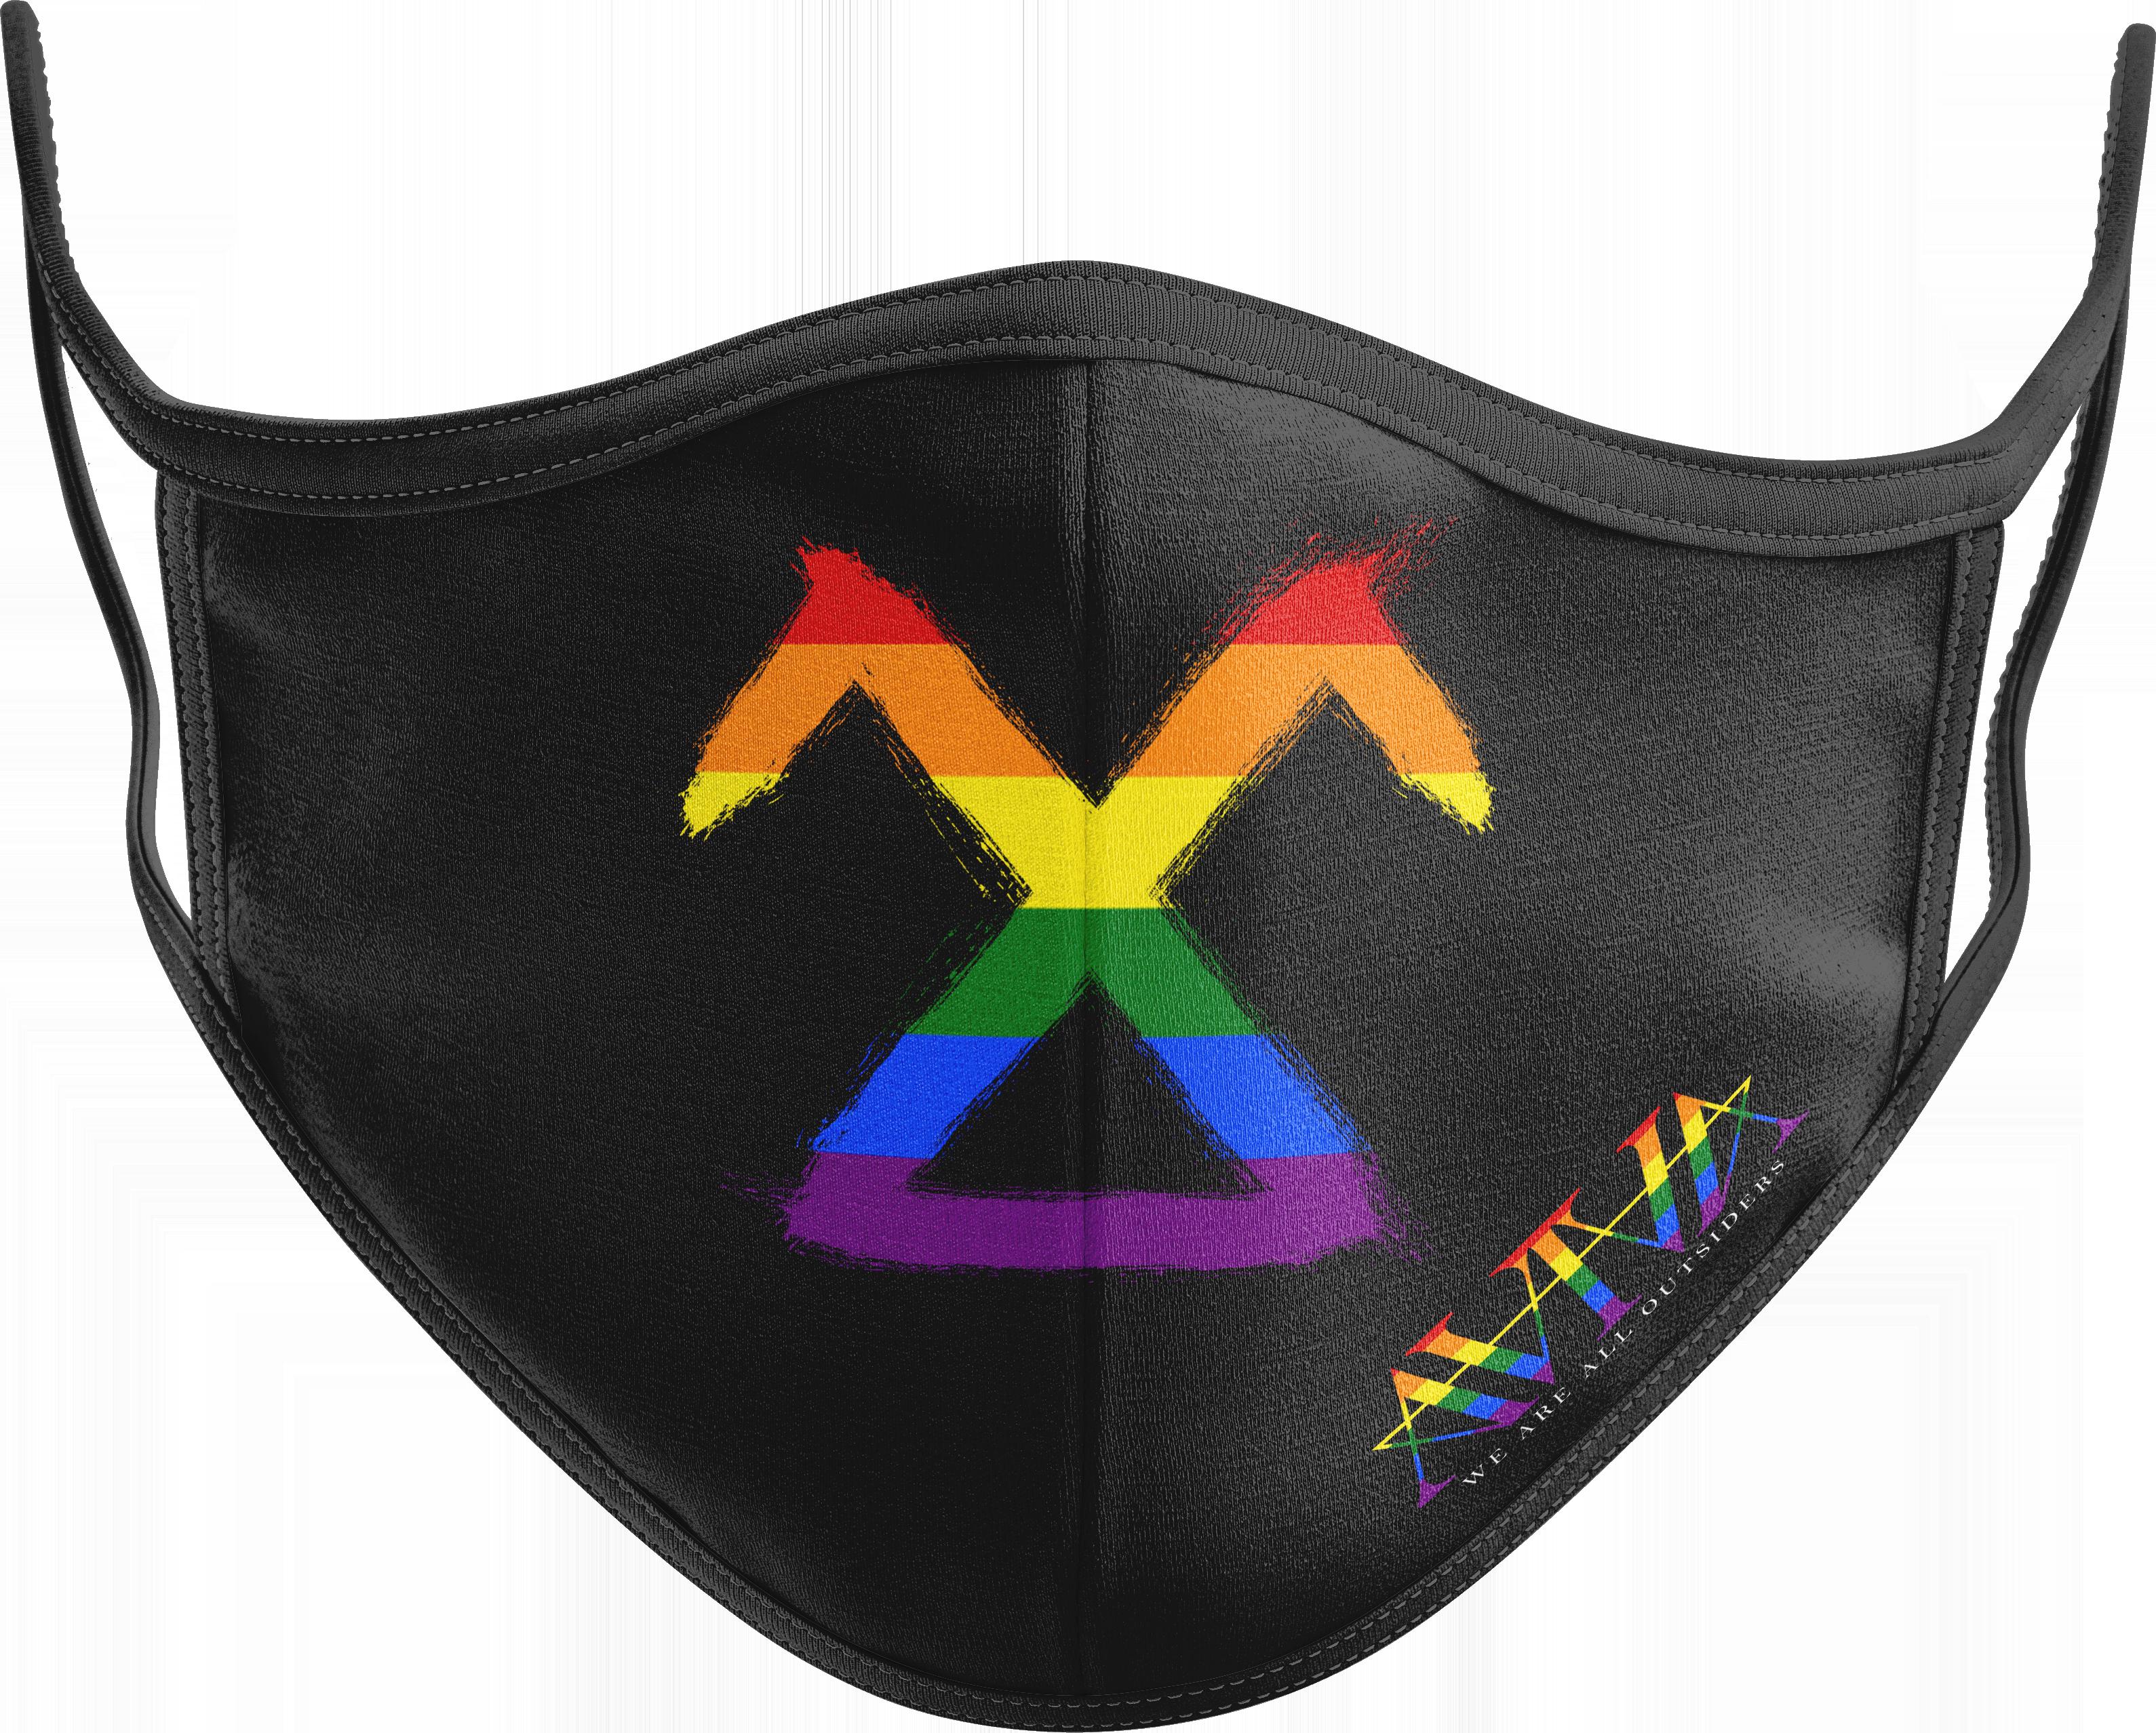 PRIDESiDER MASK - Rainbow